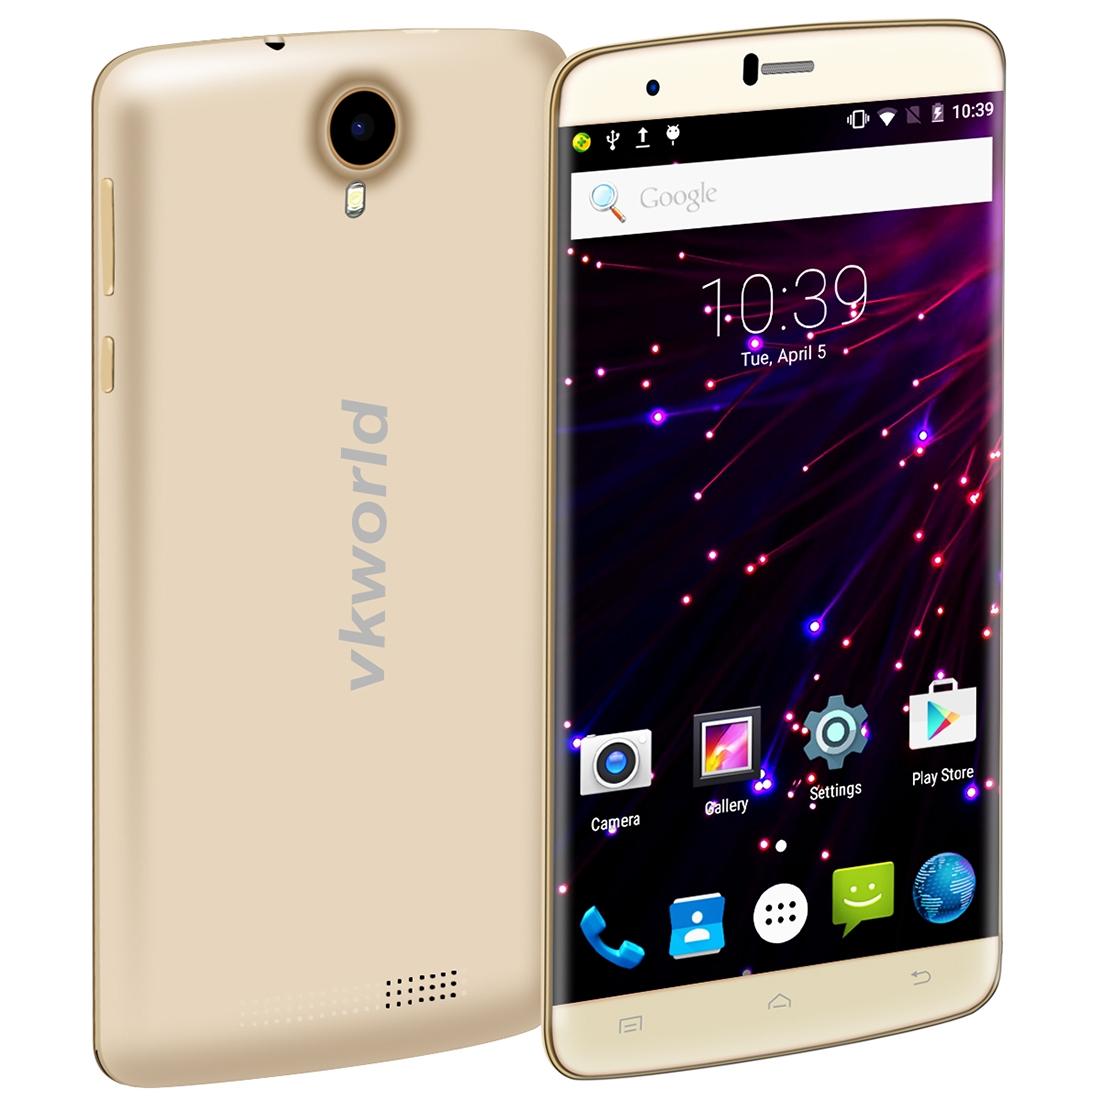 VKworld T6 16GB, 4G, LTE distribuce CZ, zlatá